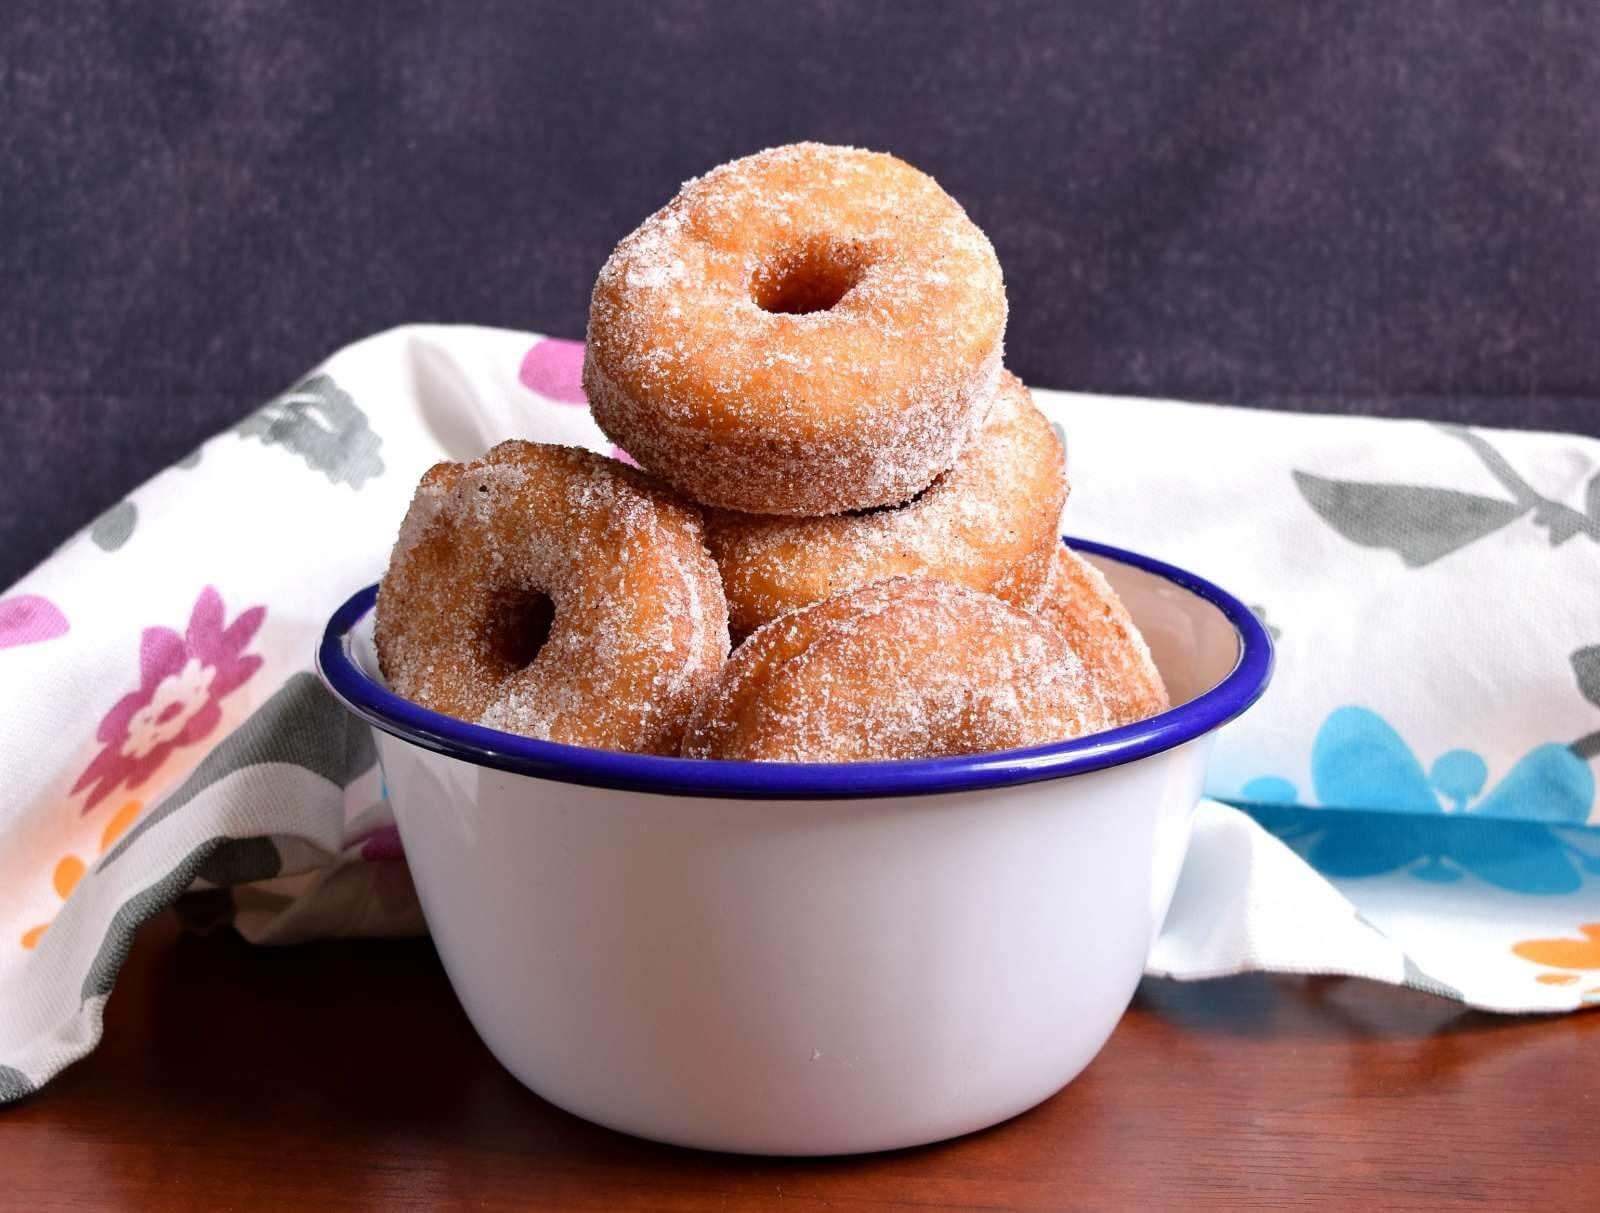 şekersiz donut